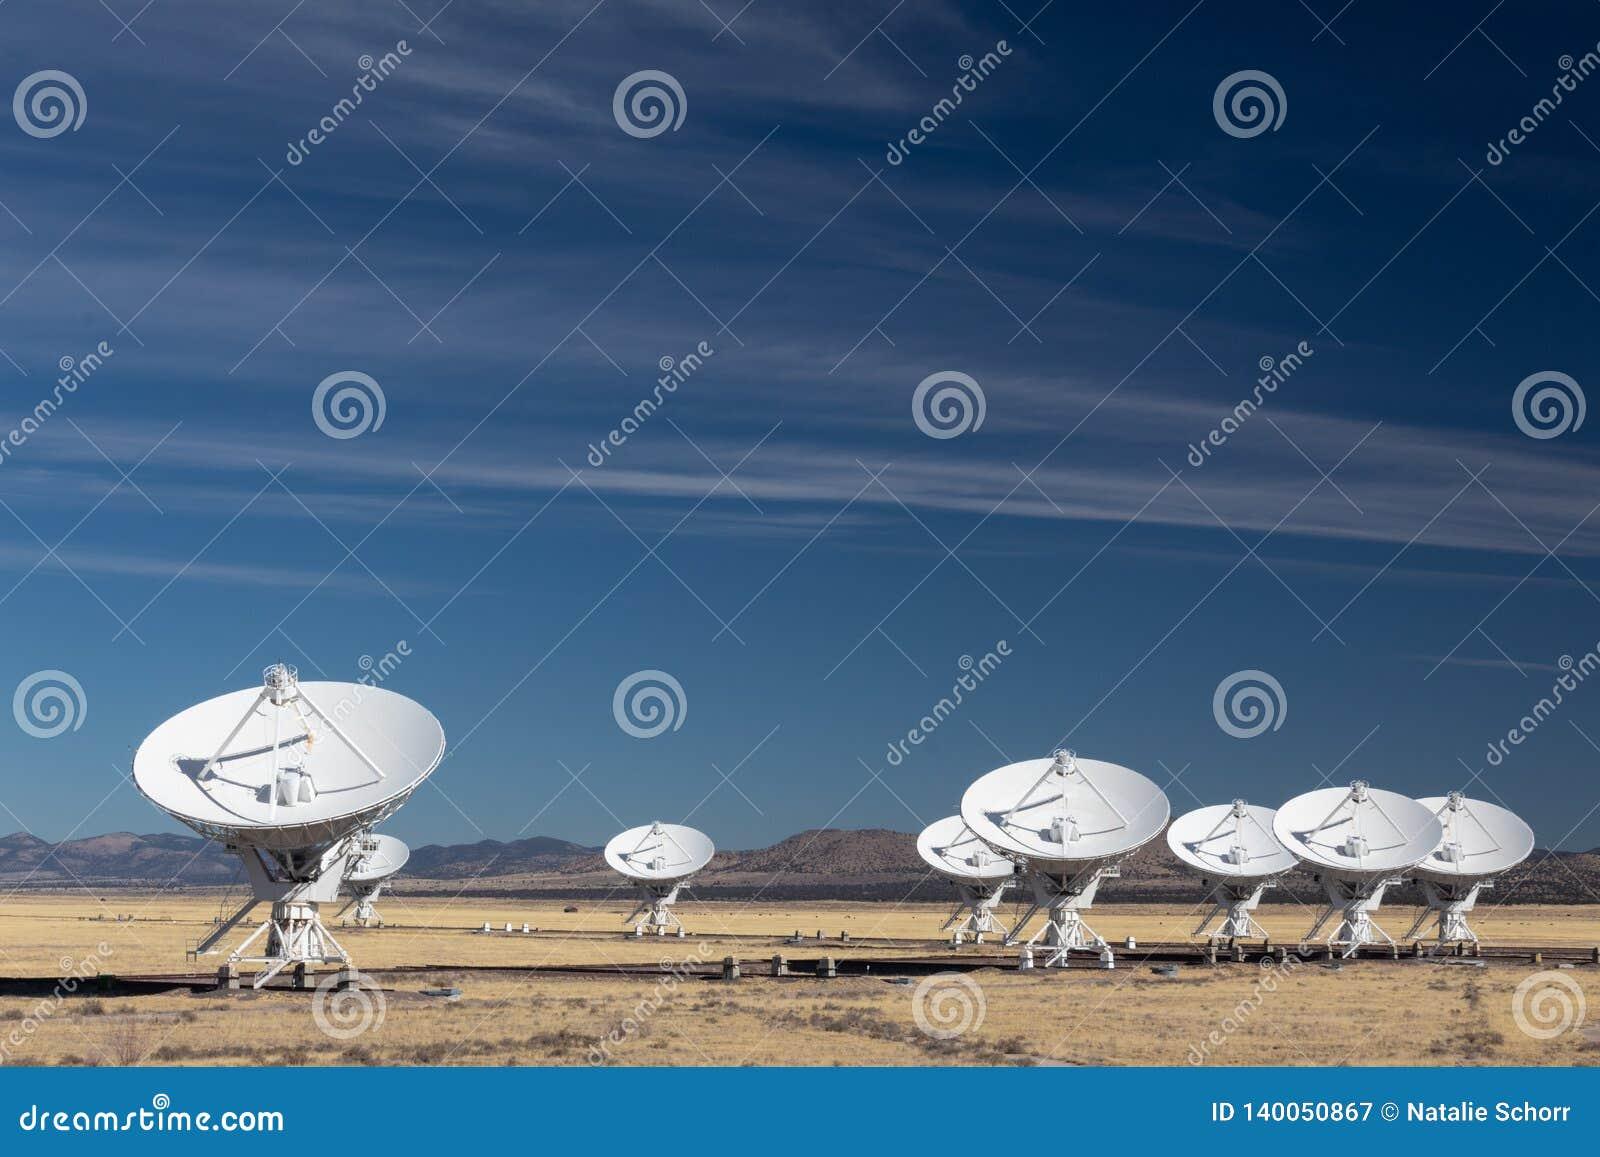 Very Large Array radiowej astronomii obserwatorscy naczynia w Nowym - Mexico pustynia, eksploracja przestrzeni kosmicznej, nauki